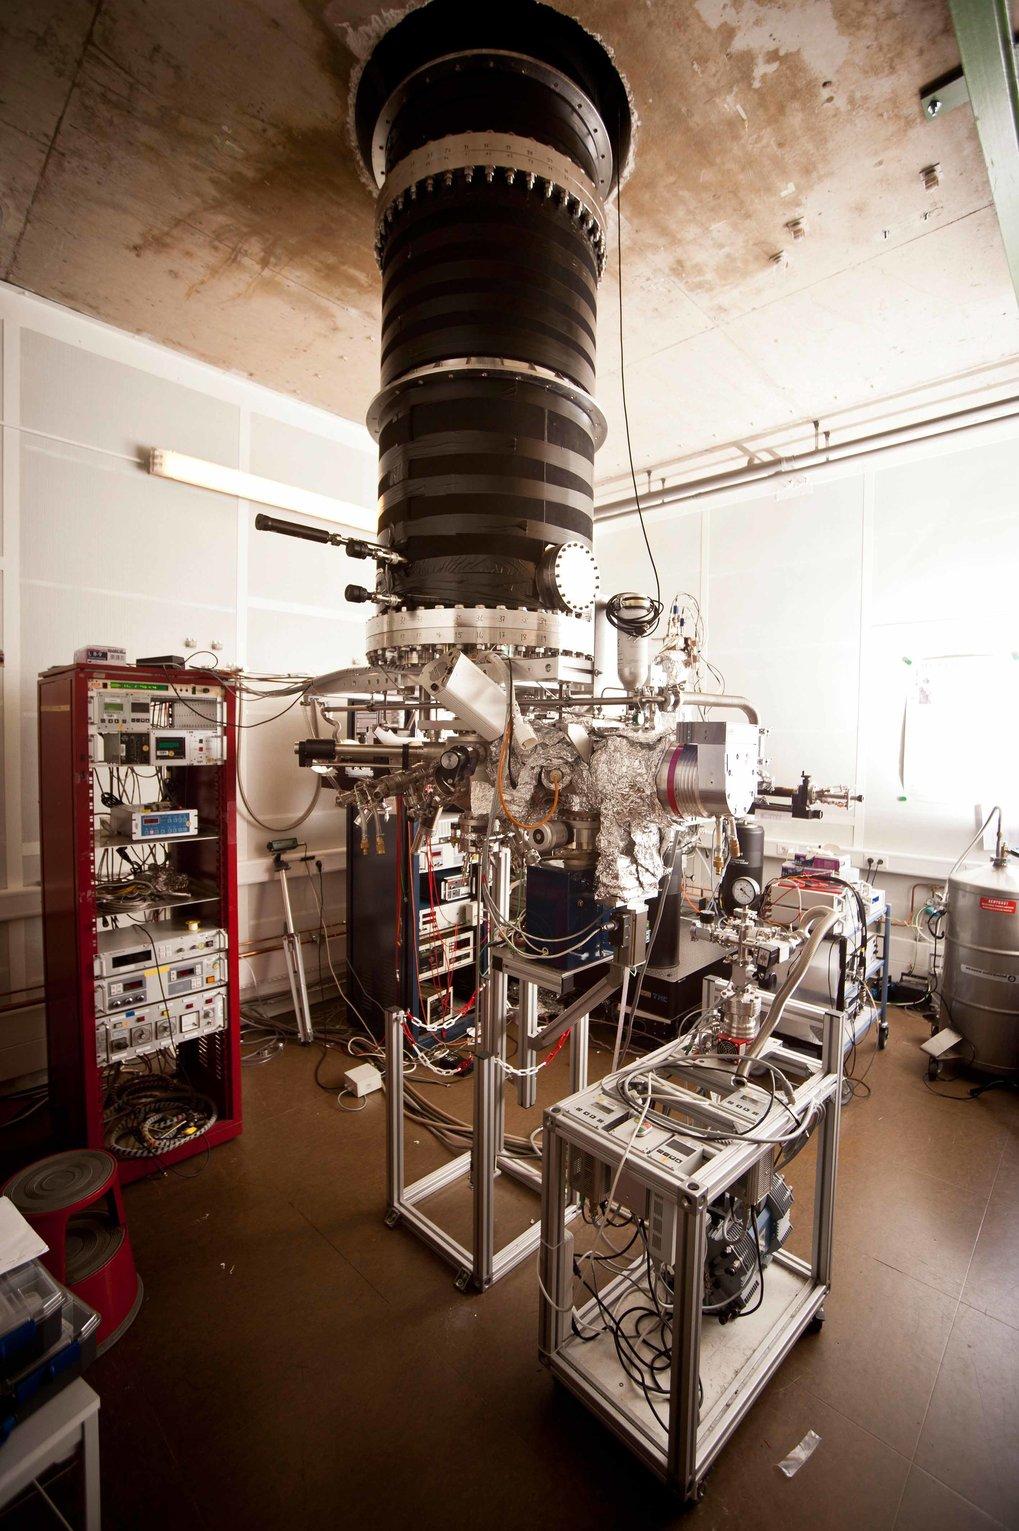 <p>Forschung über zwei Ebenen: Durch ein Loch in der Decke ragt der äußere Vakuumtopf des Rastertunnelmikroskops ins obere Stockwerk.